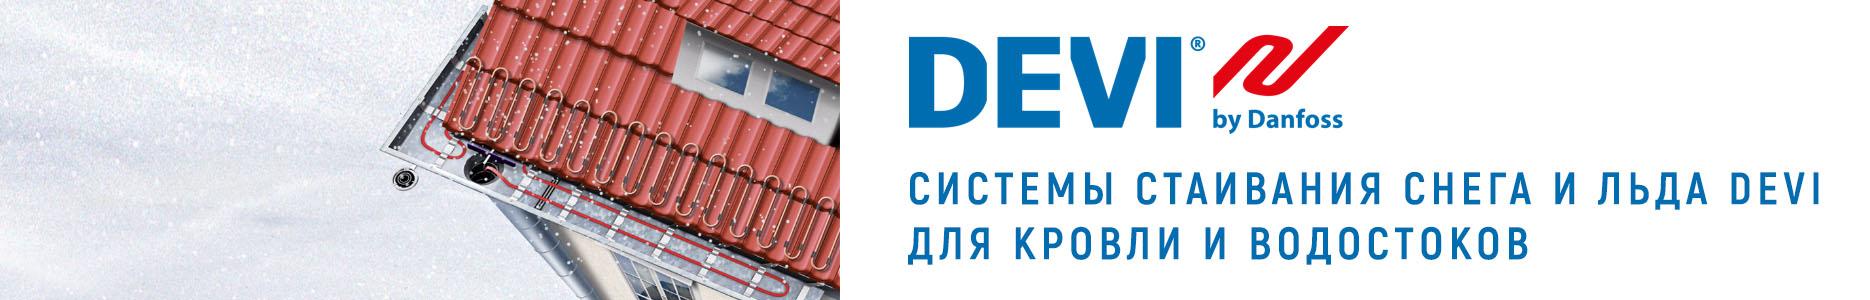 Антиобледенительные системы Защита крыш от сосулек, Харьков